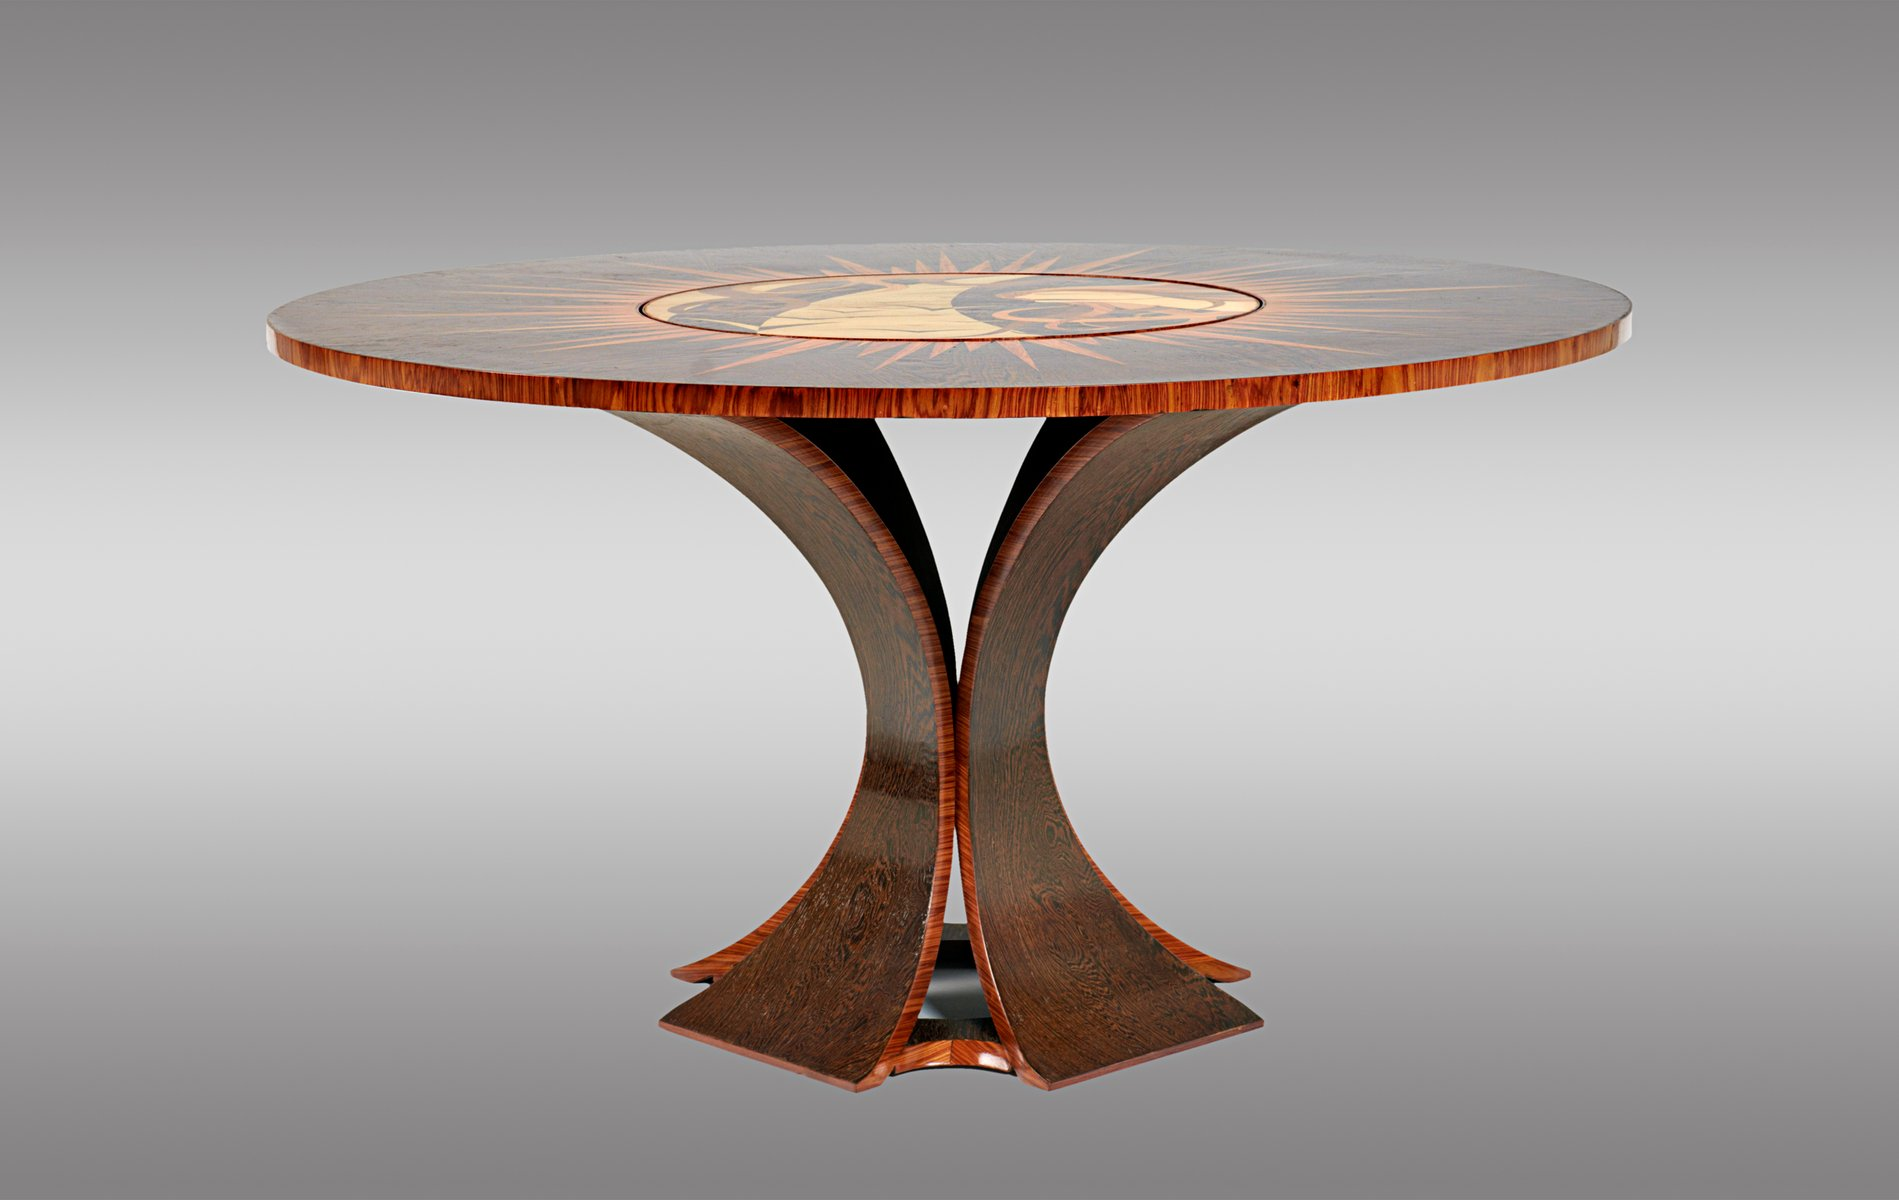 Palmenholz palisander tisch mit drehbarer mitte 1970 for Palisander tisch